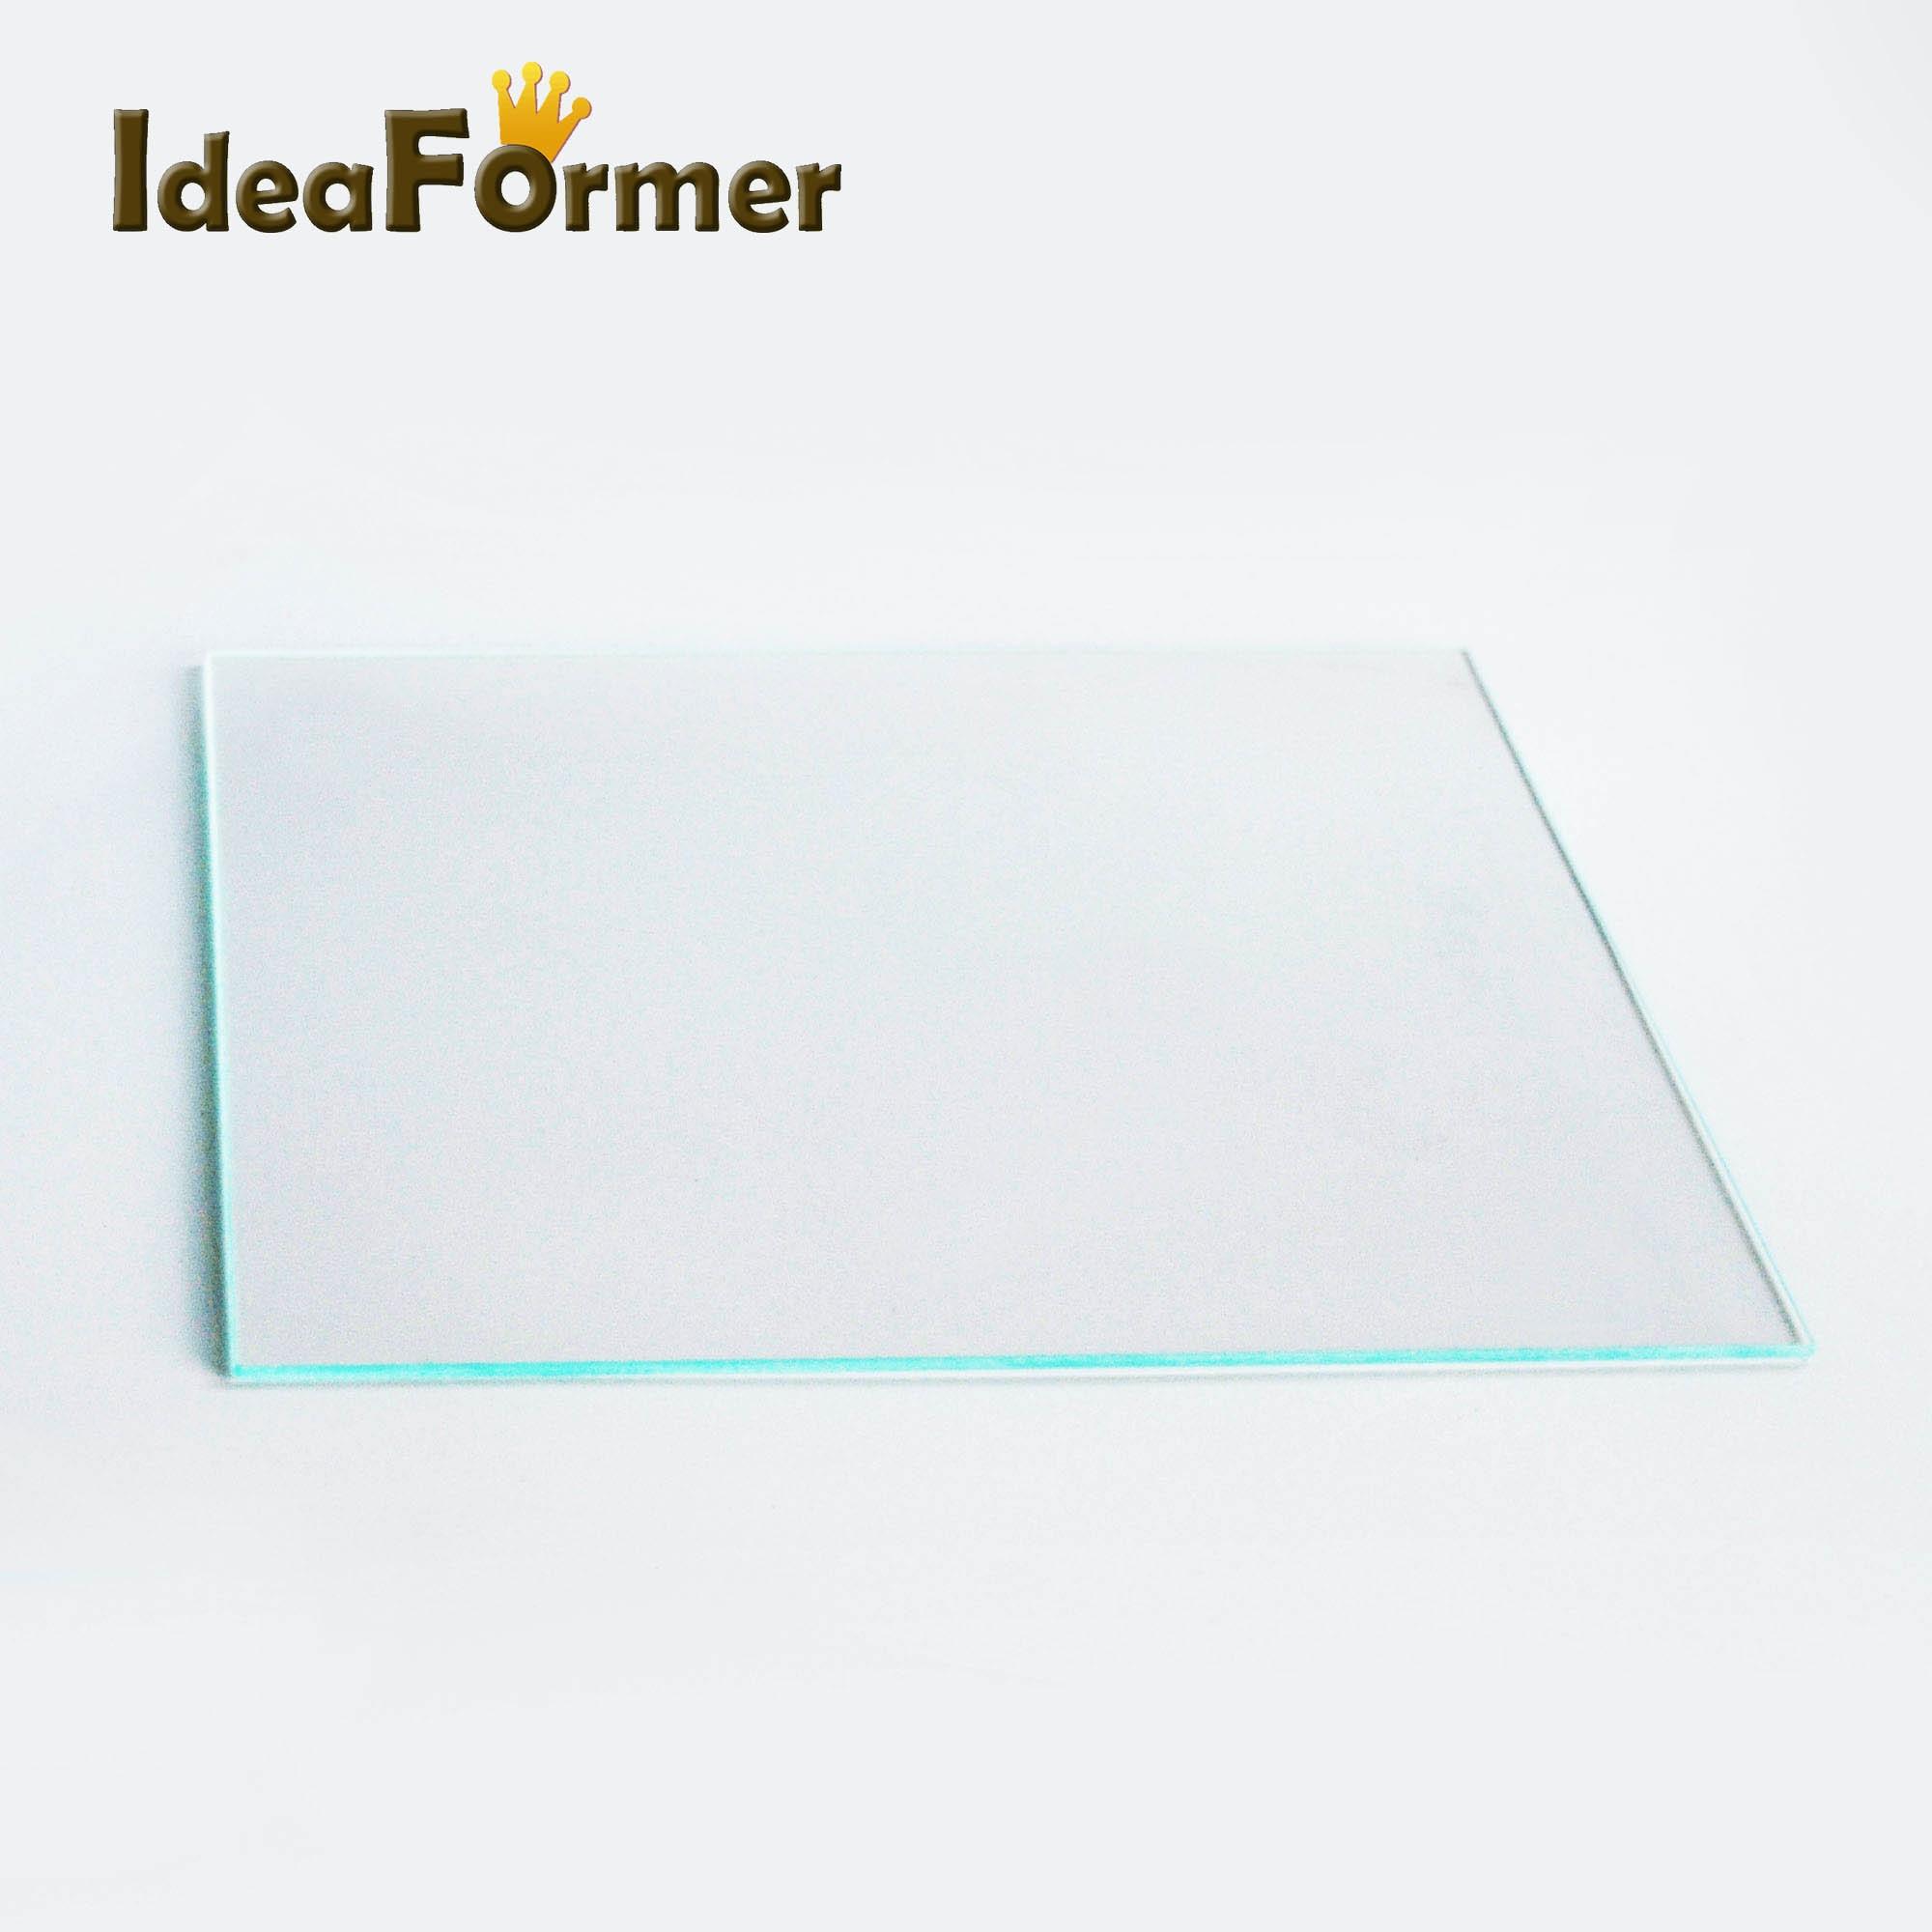 Reprap MK2 Heat Bed Borosilicate Glass Plate tempered glass in good quality 3D Printer parts clean and clear borosilicate glass heat bed 220x220x3mm for mk2 mk2a anet a8 a6 mendel reprap 3d printer